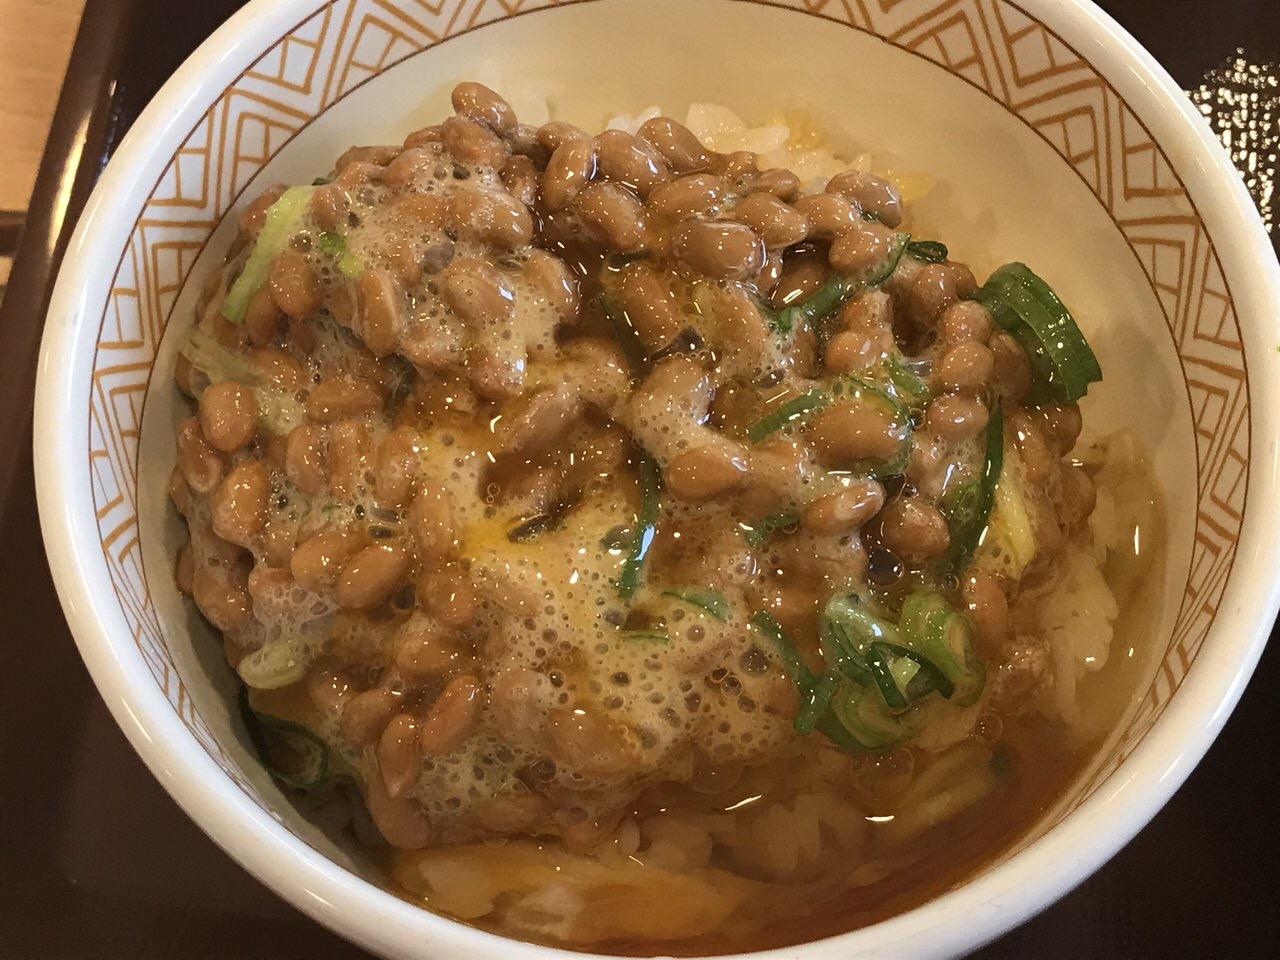 すき家の朝食「納豆朝食」3